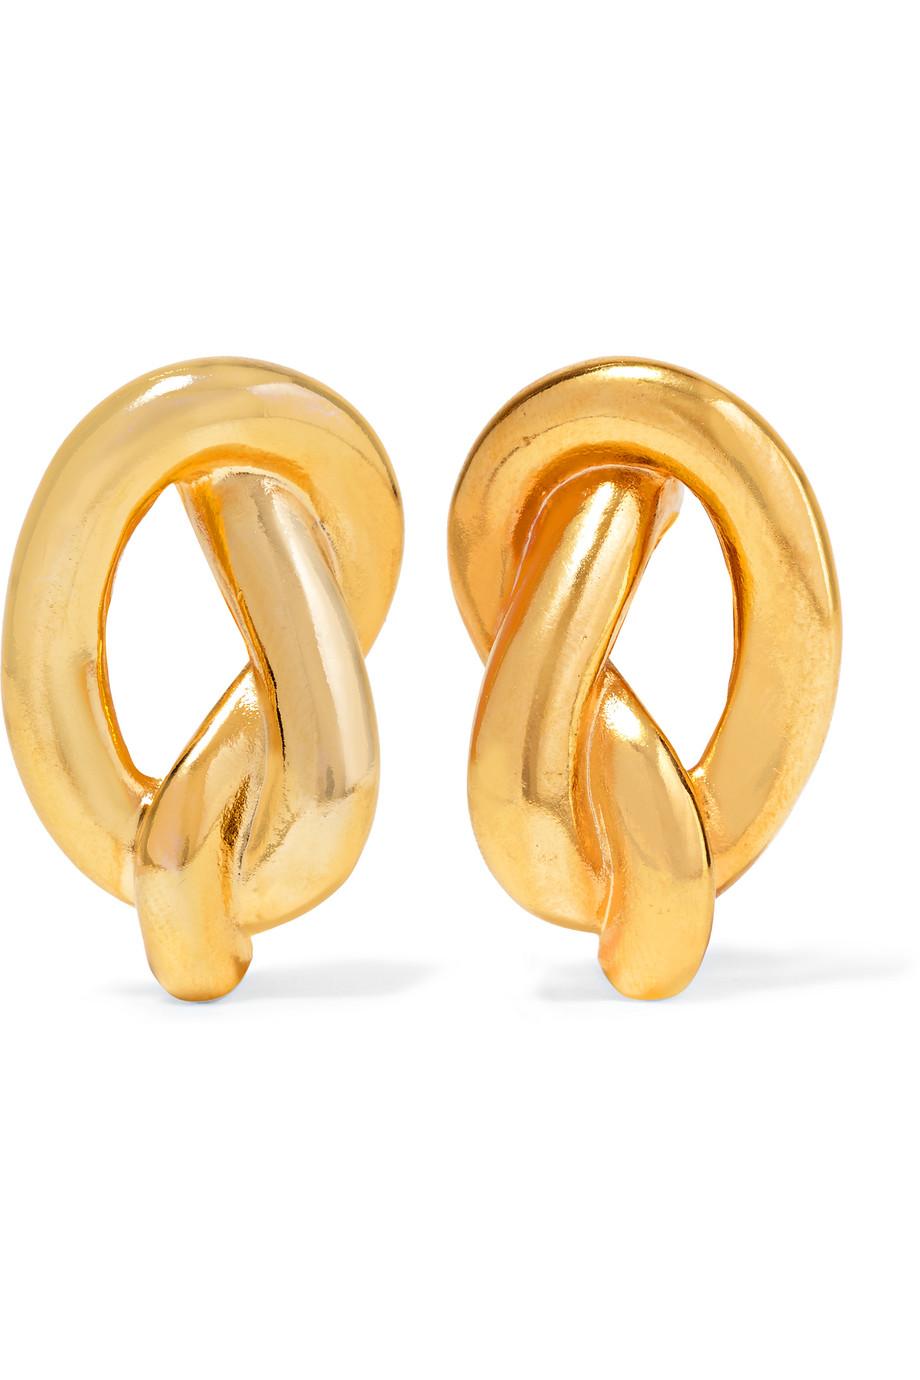 Gold-Plated Clip Earrings, Kenneth Jay Lane, Women's